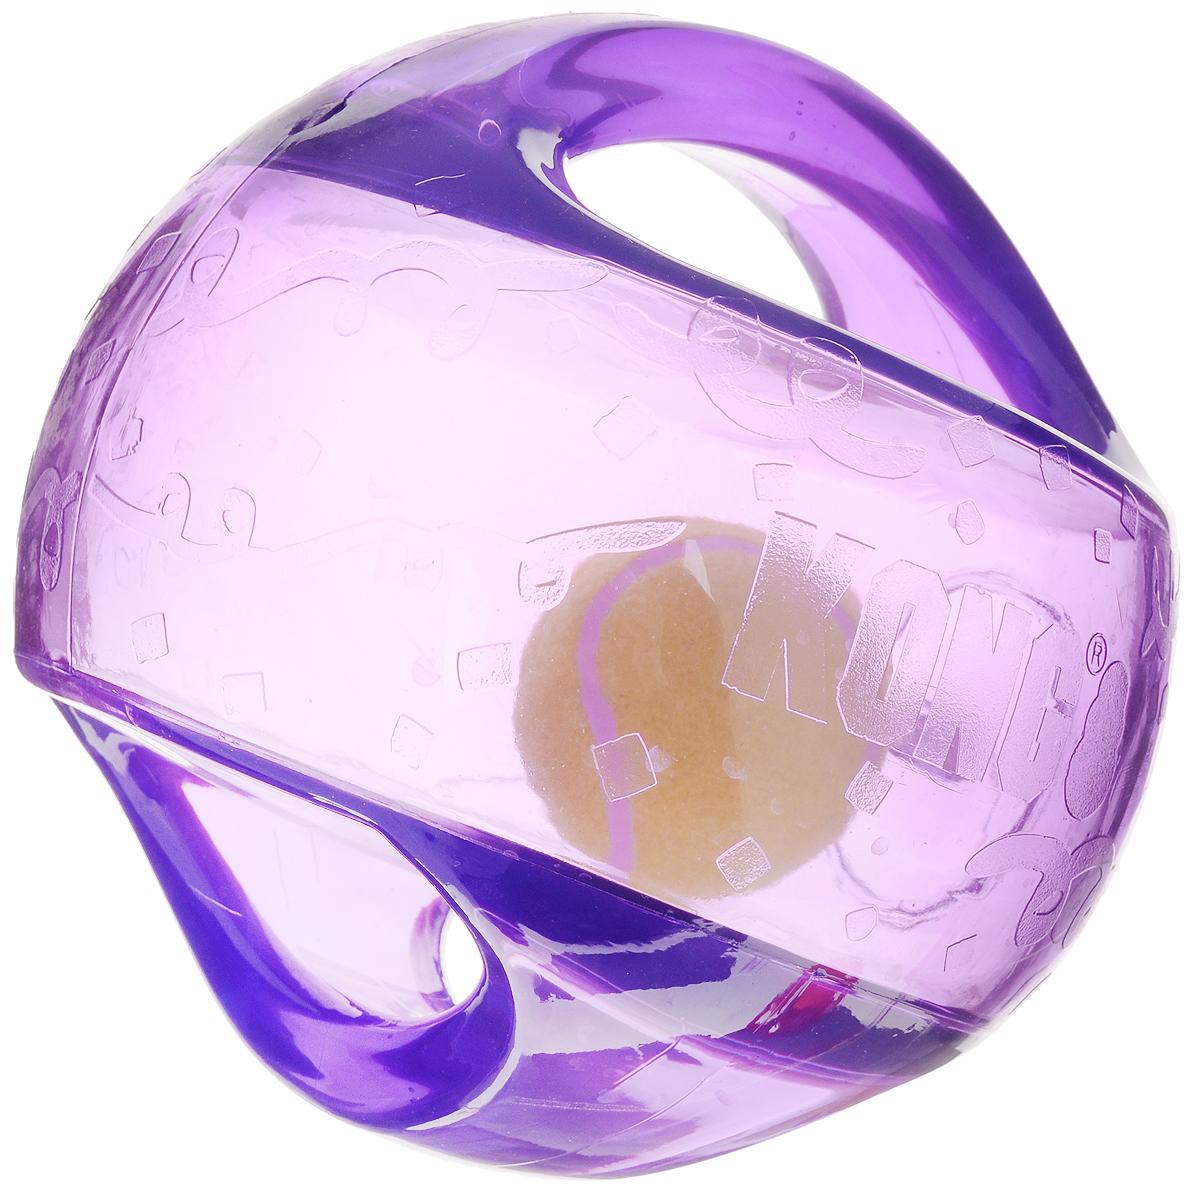 Игрушка для собак Kong Мячик L/XL, с пищалкой, цвет: прозрачный, фиолетовый, 18 х 18 х 18 см